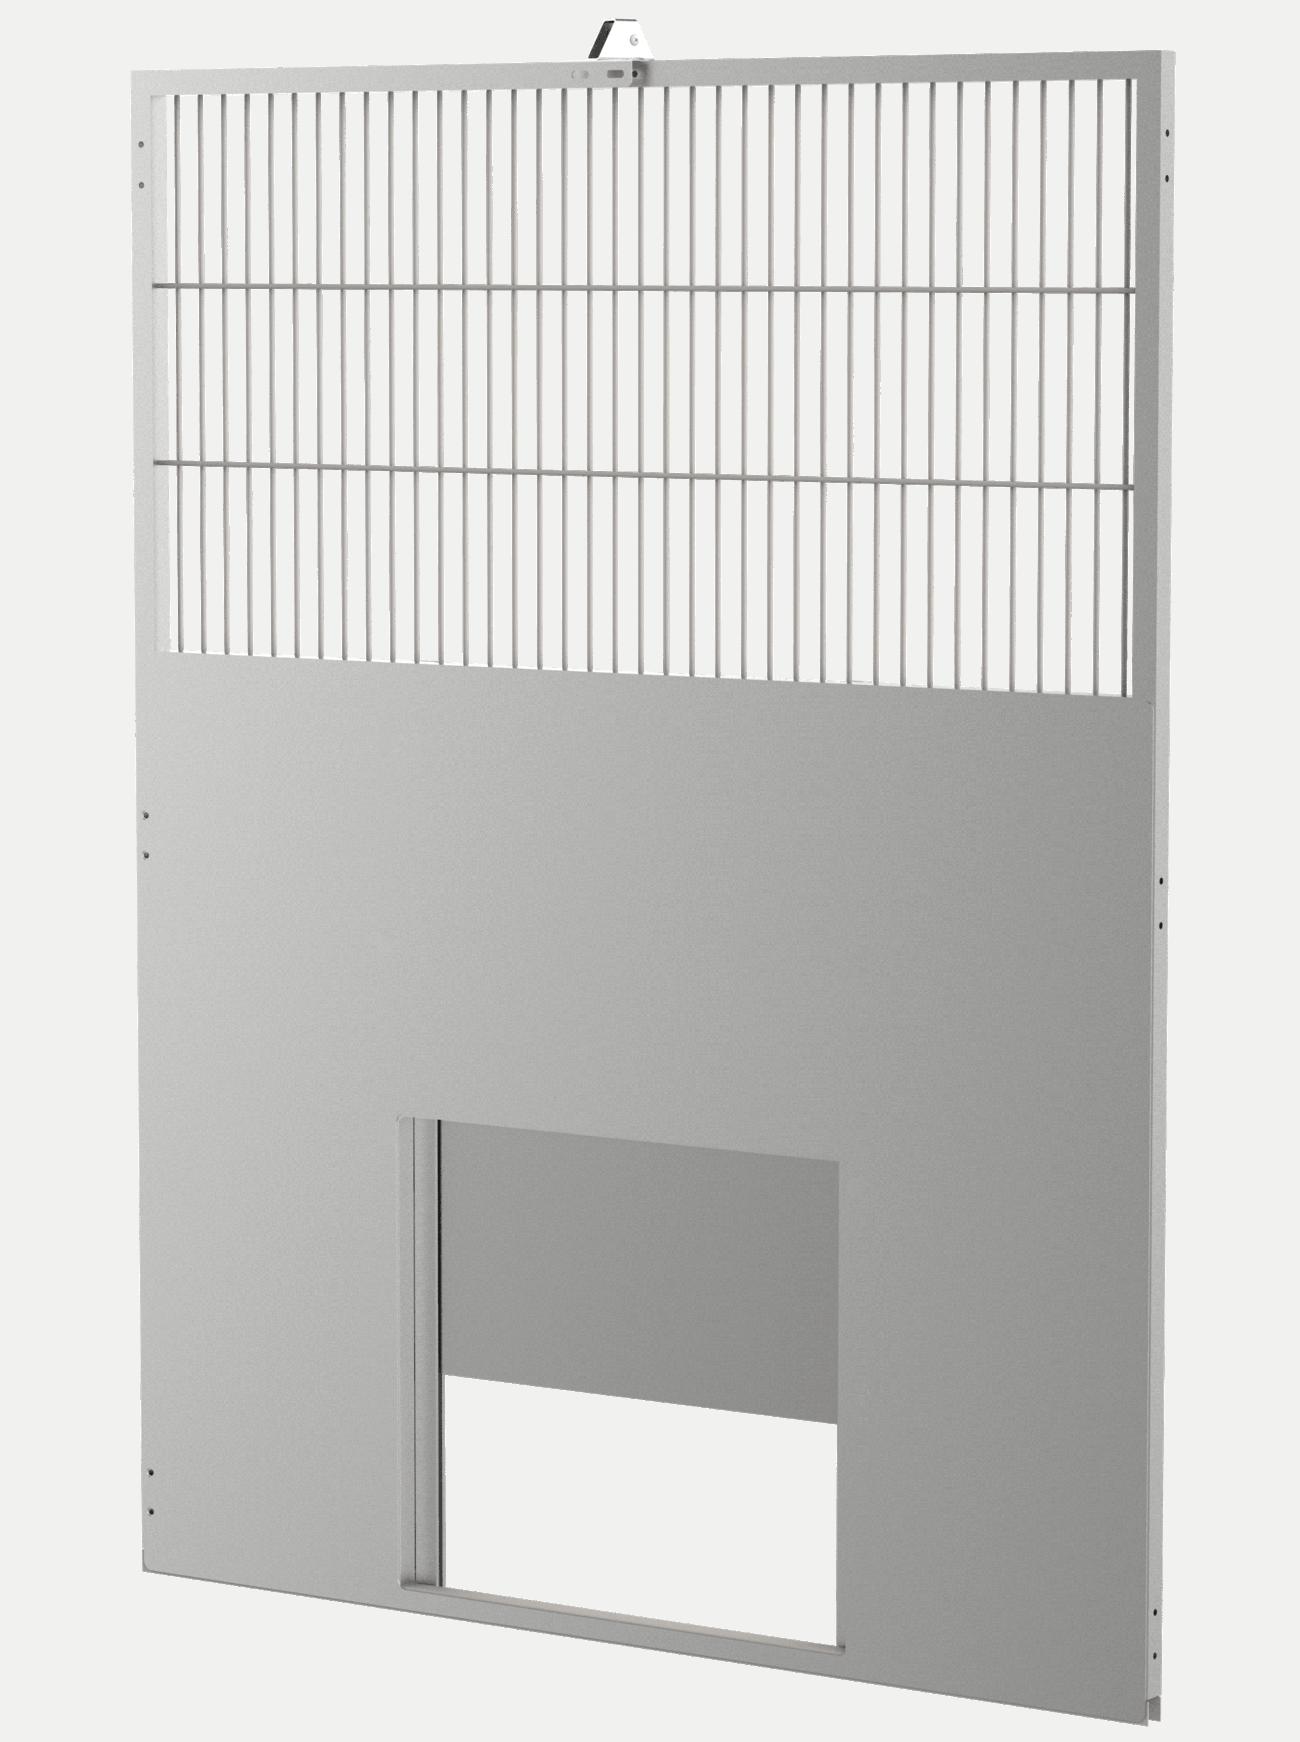 Transfer door